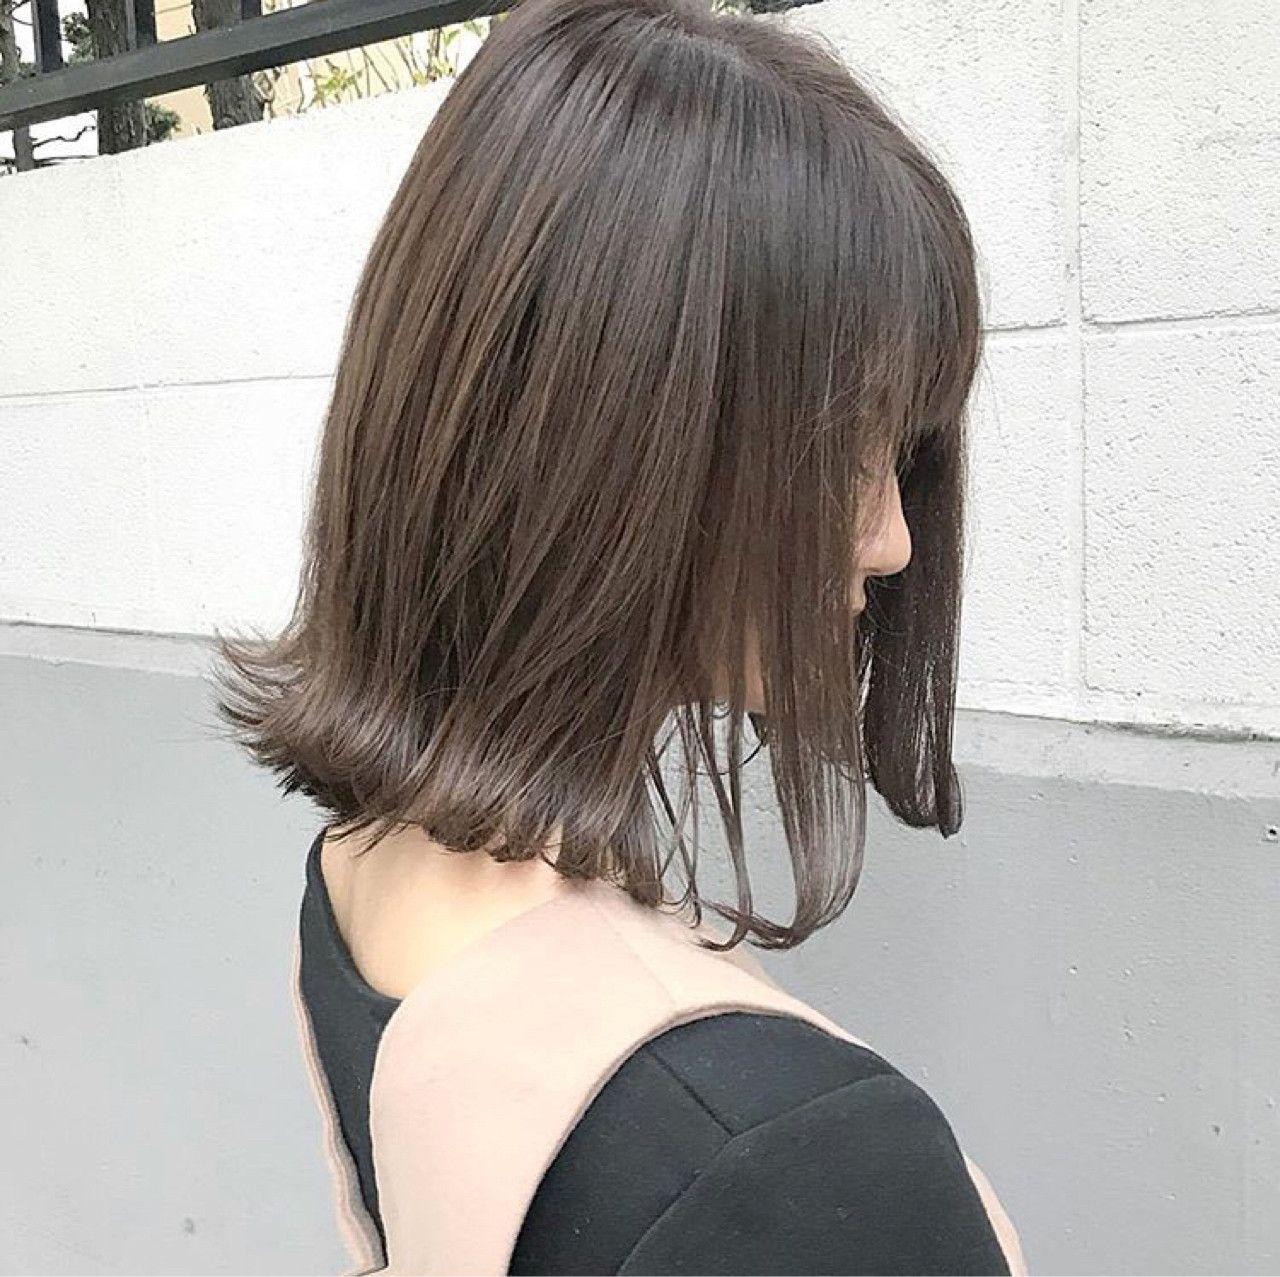 アッシュ ミディアム こなれ感 モード ヘアスタイルや髪型の写真 画像